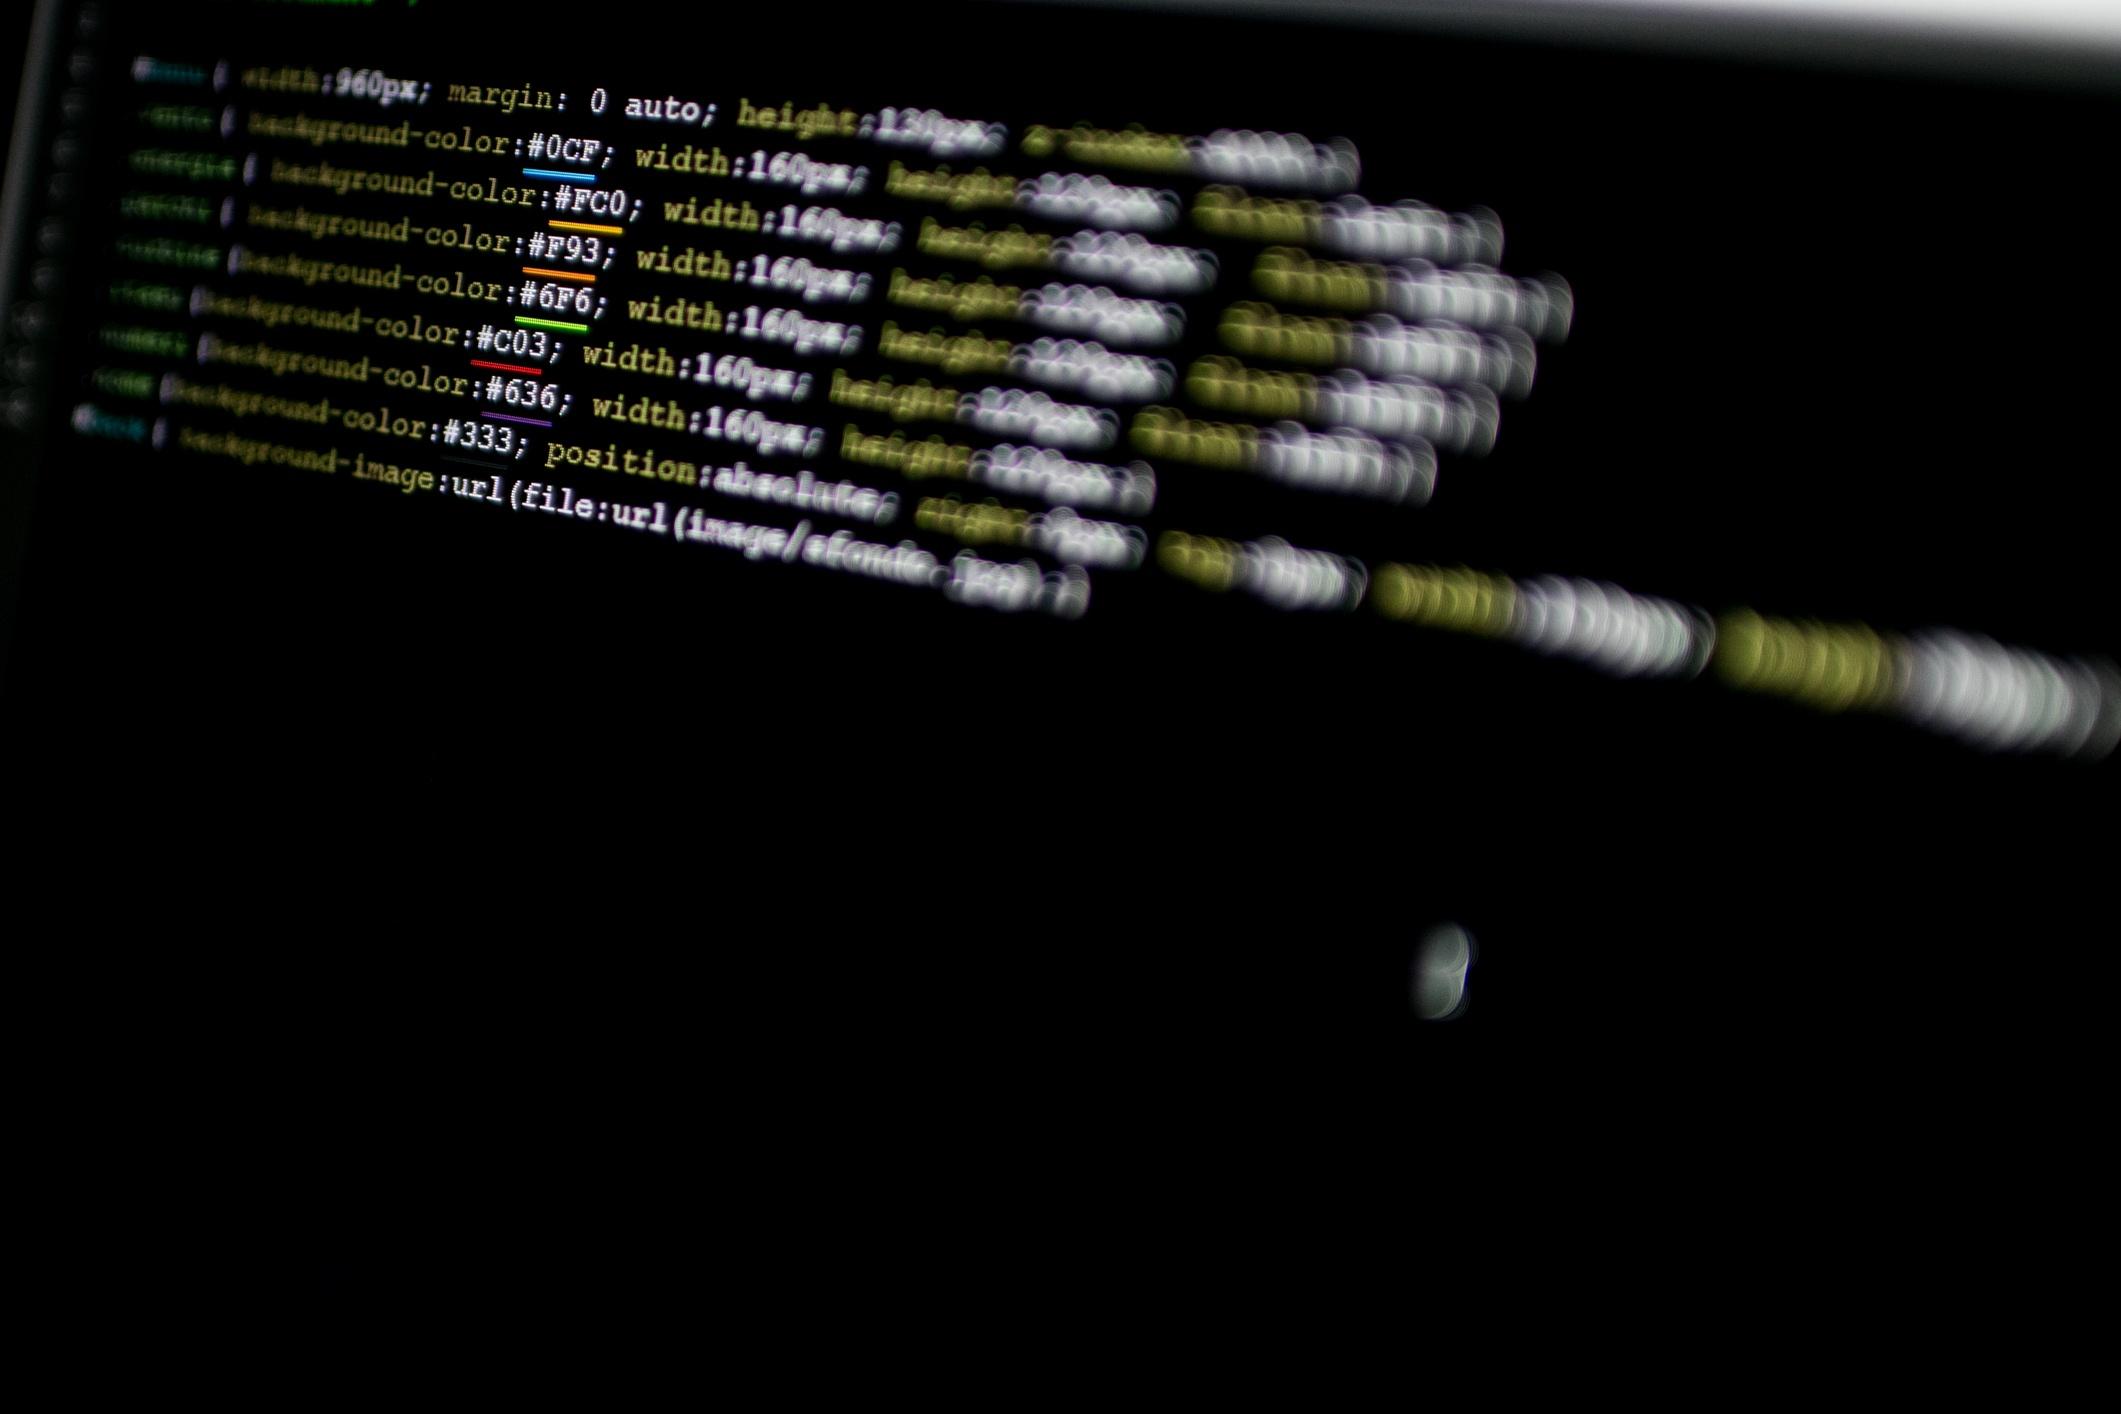 Importancia de los metadatos de base de datos en la nube en los actuales modelos de negocio